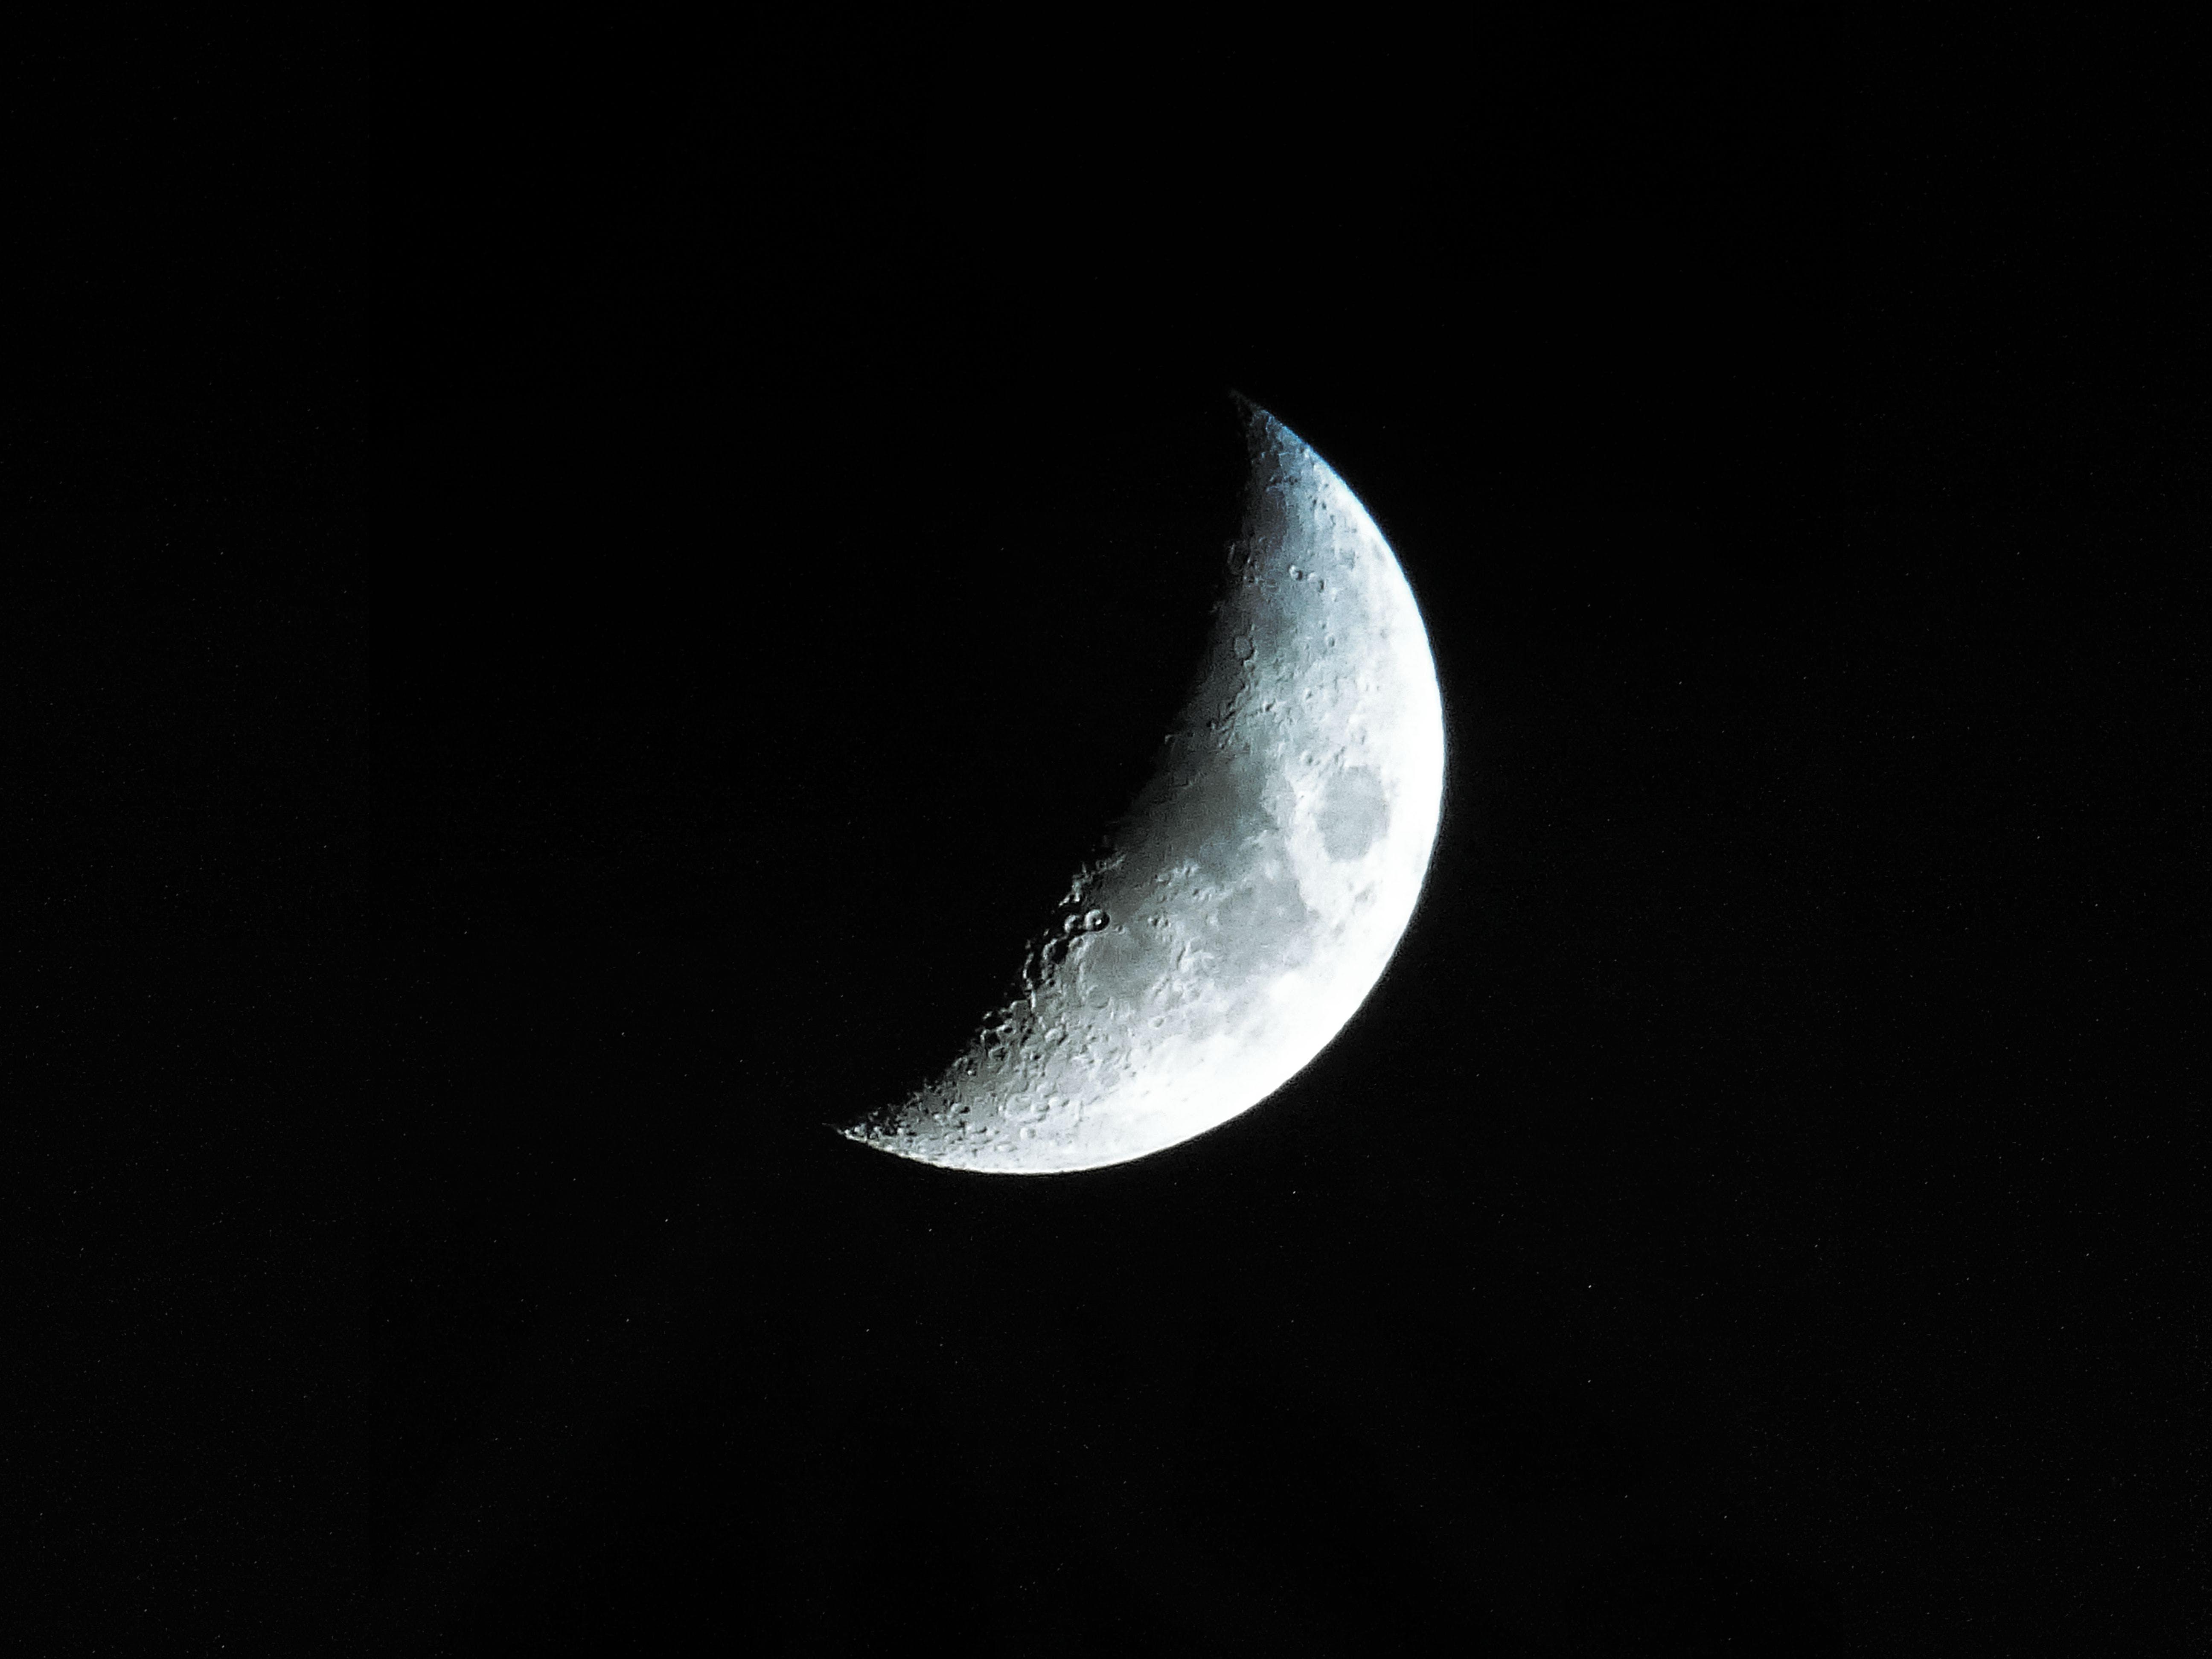 クレーター, スペース, ダーク, 占星術の無料の写真素材